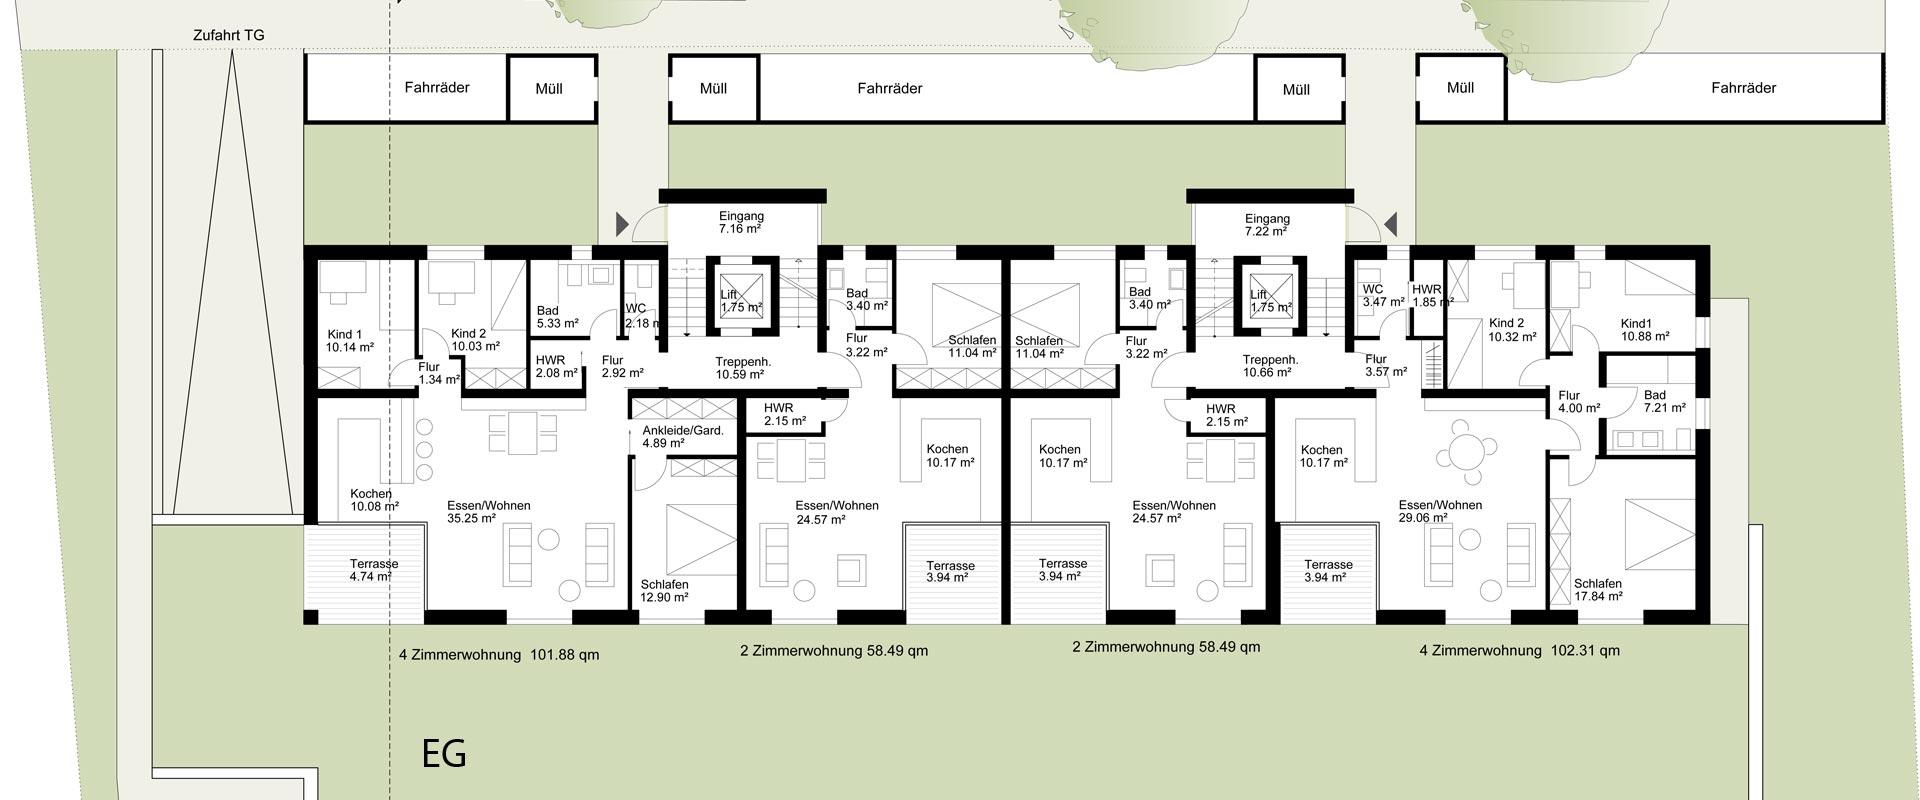 Architekturbüro Musahl Waldshut Wohnanlage Schaffhauser Straße in Tiengen Grundriss EG